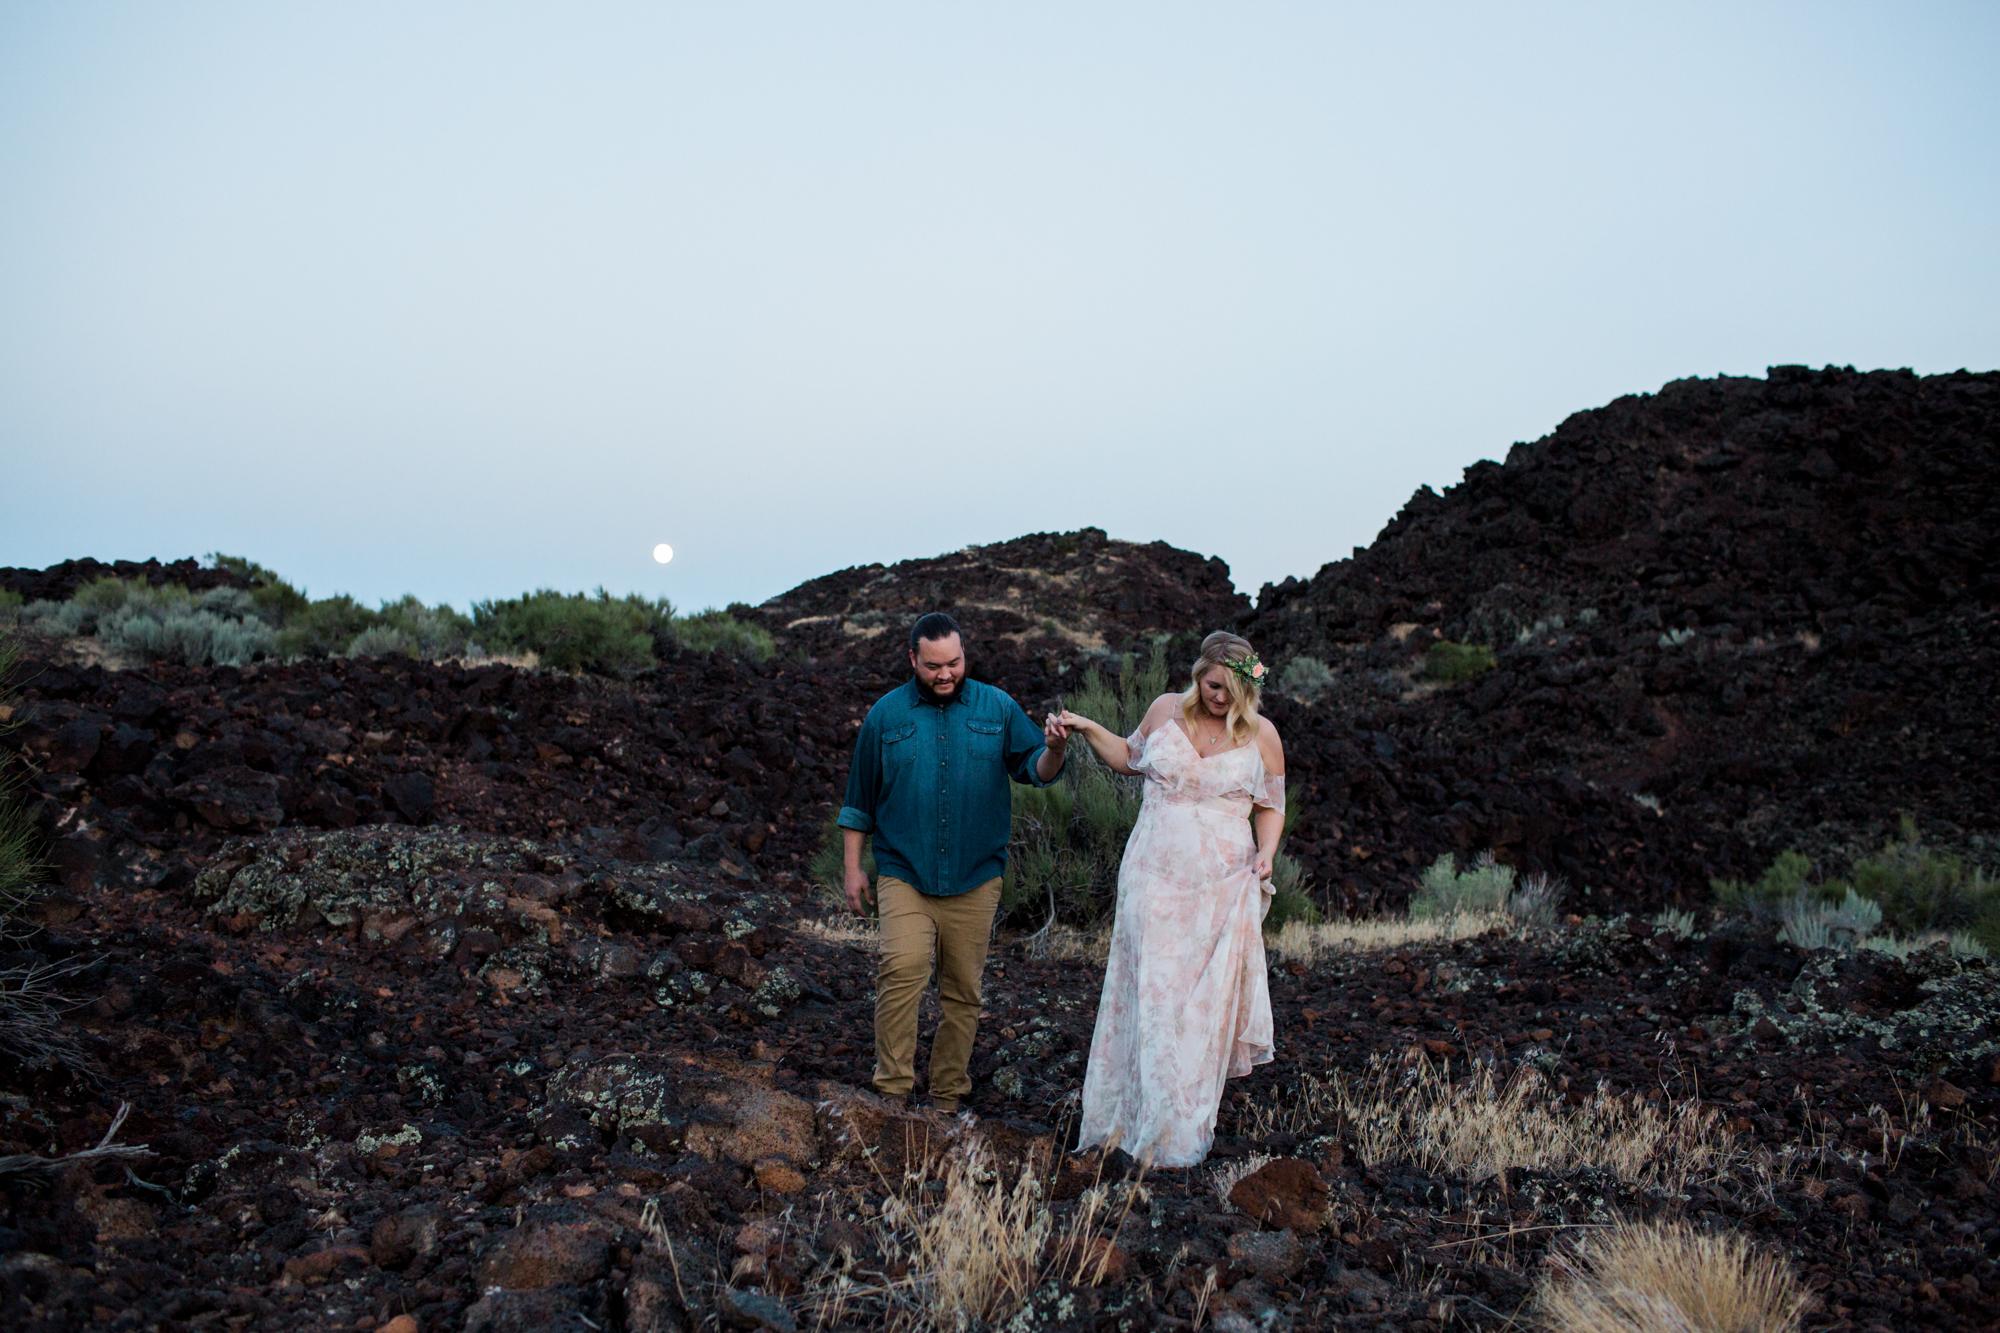 Kelcie-Ryan-Engagements-270.jpg